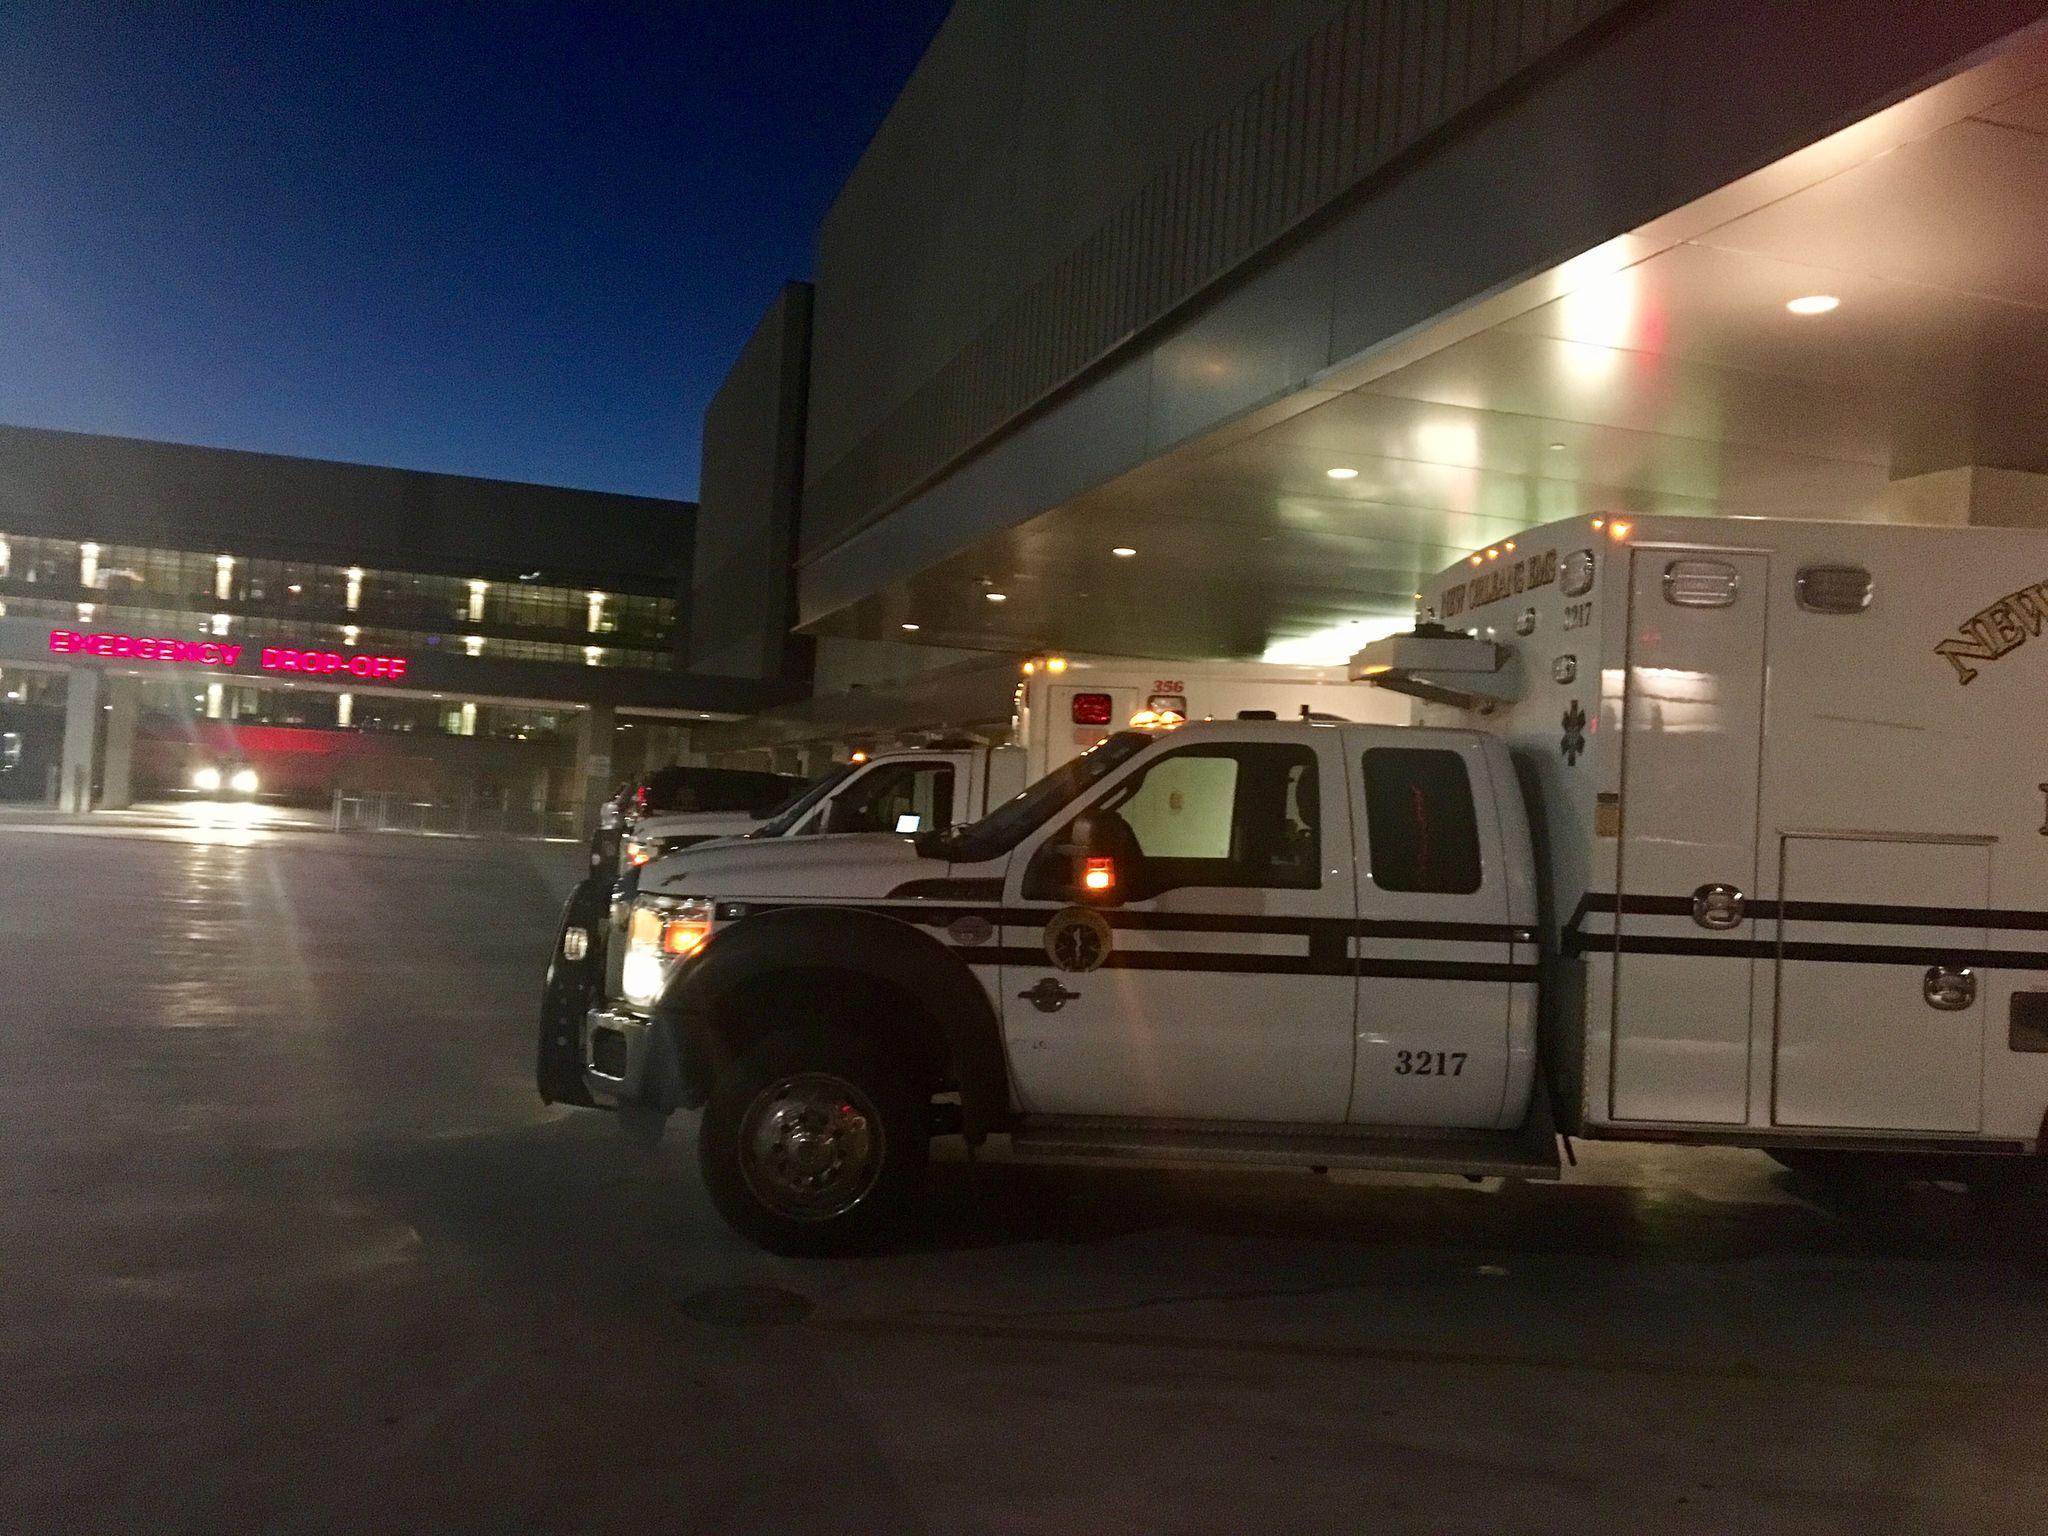 FullSizeRender1 L' Ambulancier : le site de référence EMS Nouvelle Orléans - Un ambulancier parmi les paramedics